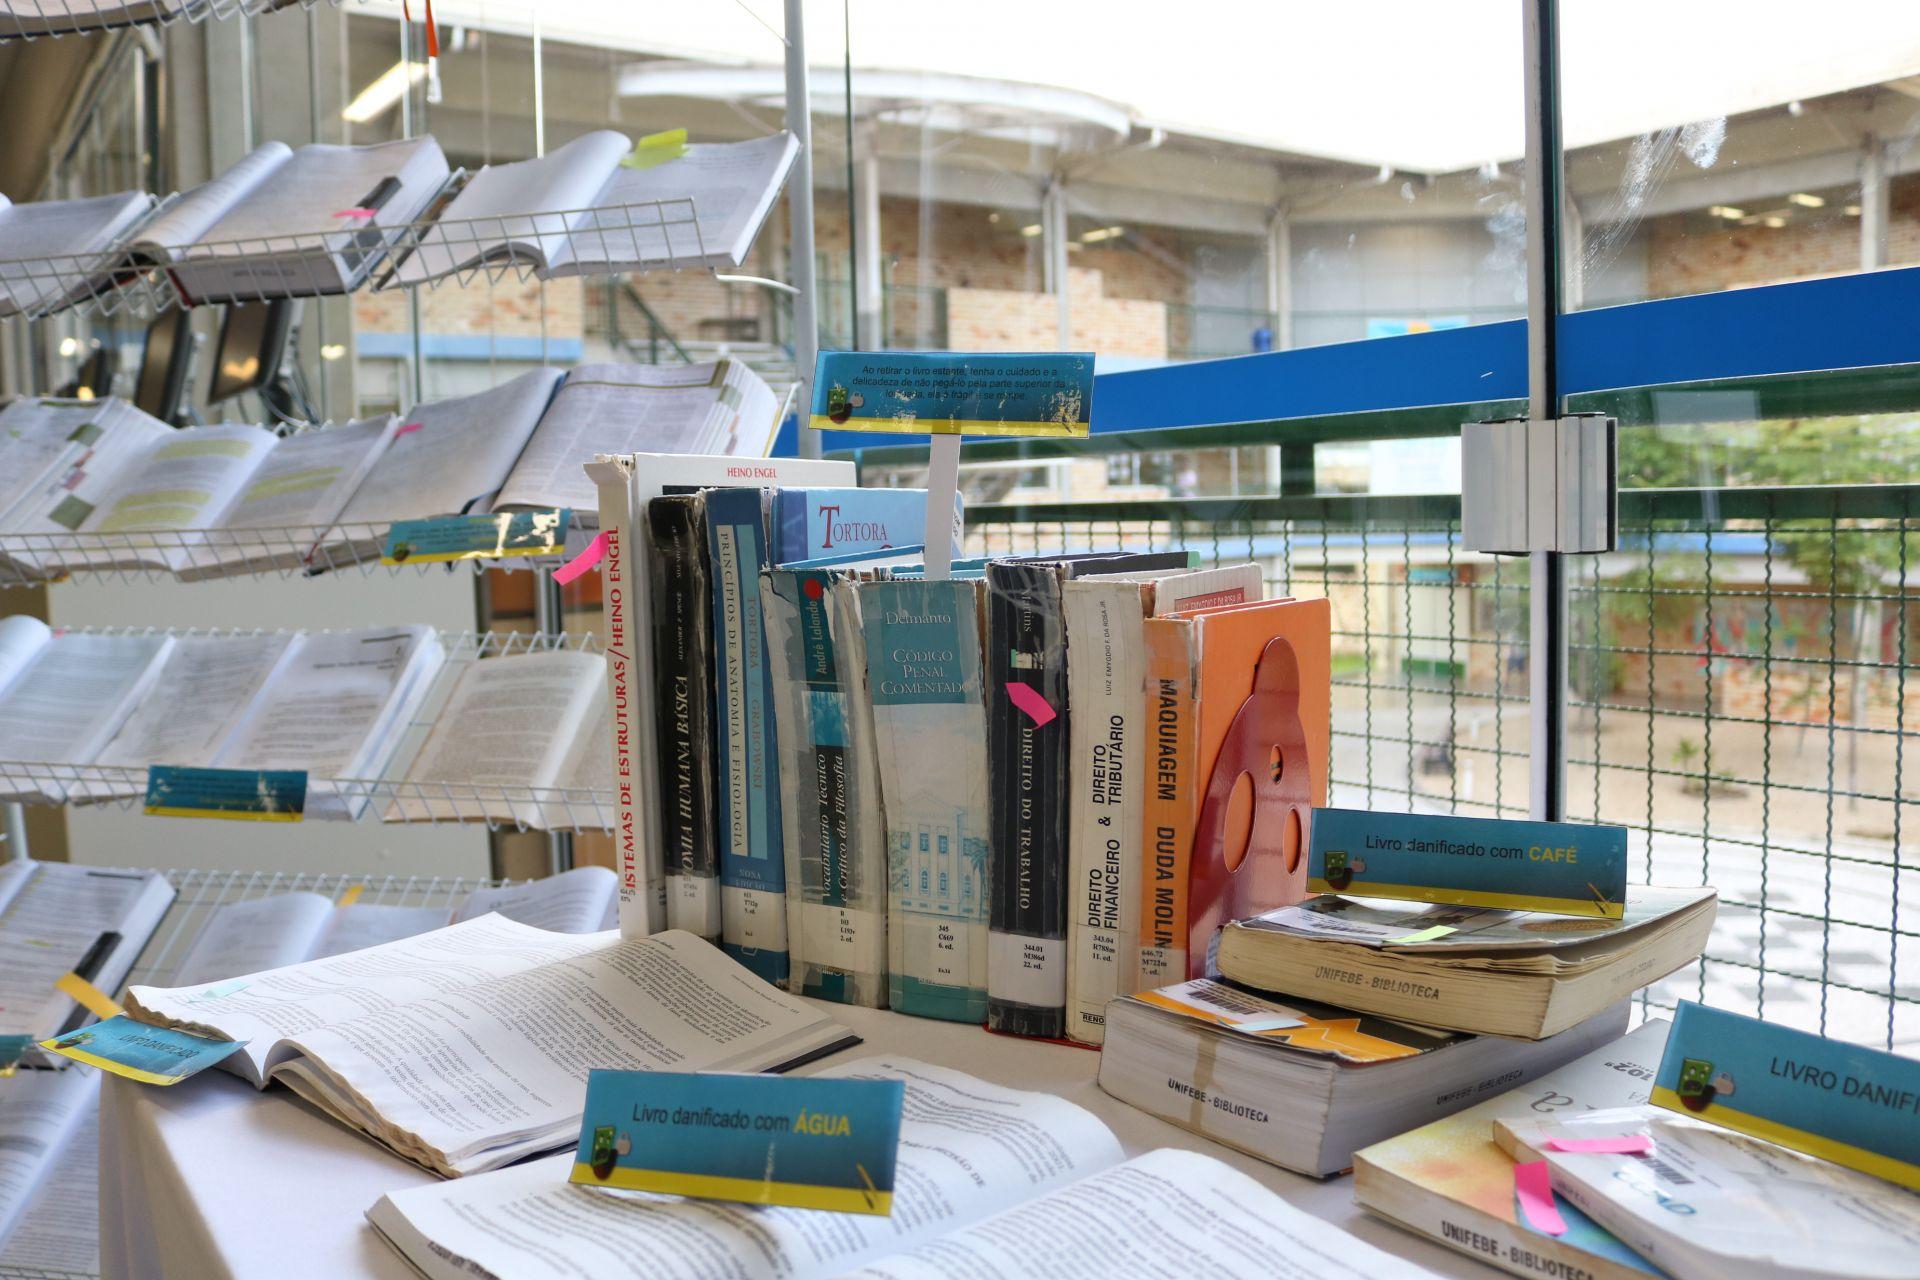 Biblioteca expõe livros danificados em ação de conscientização